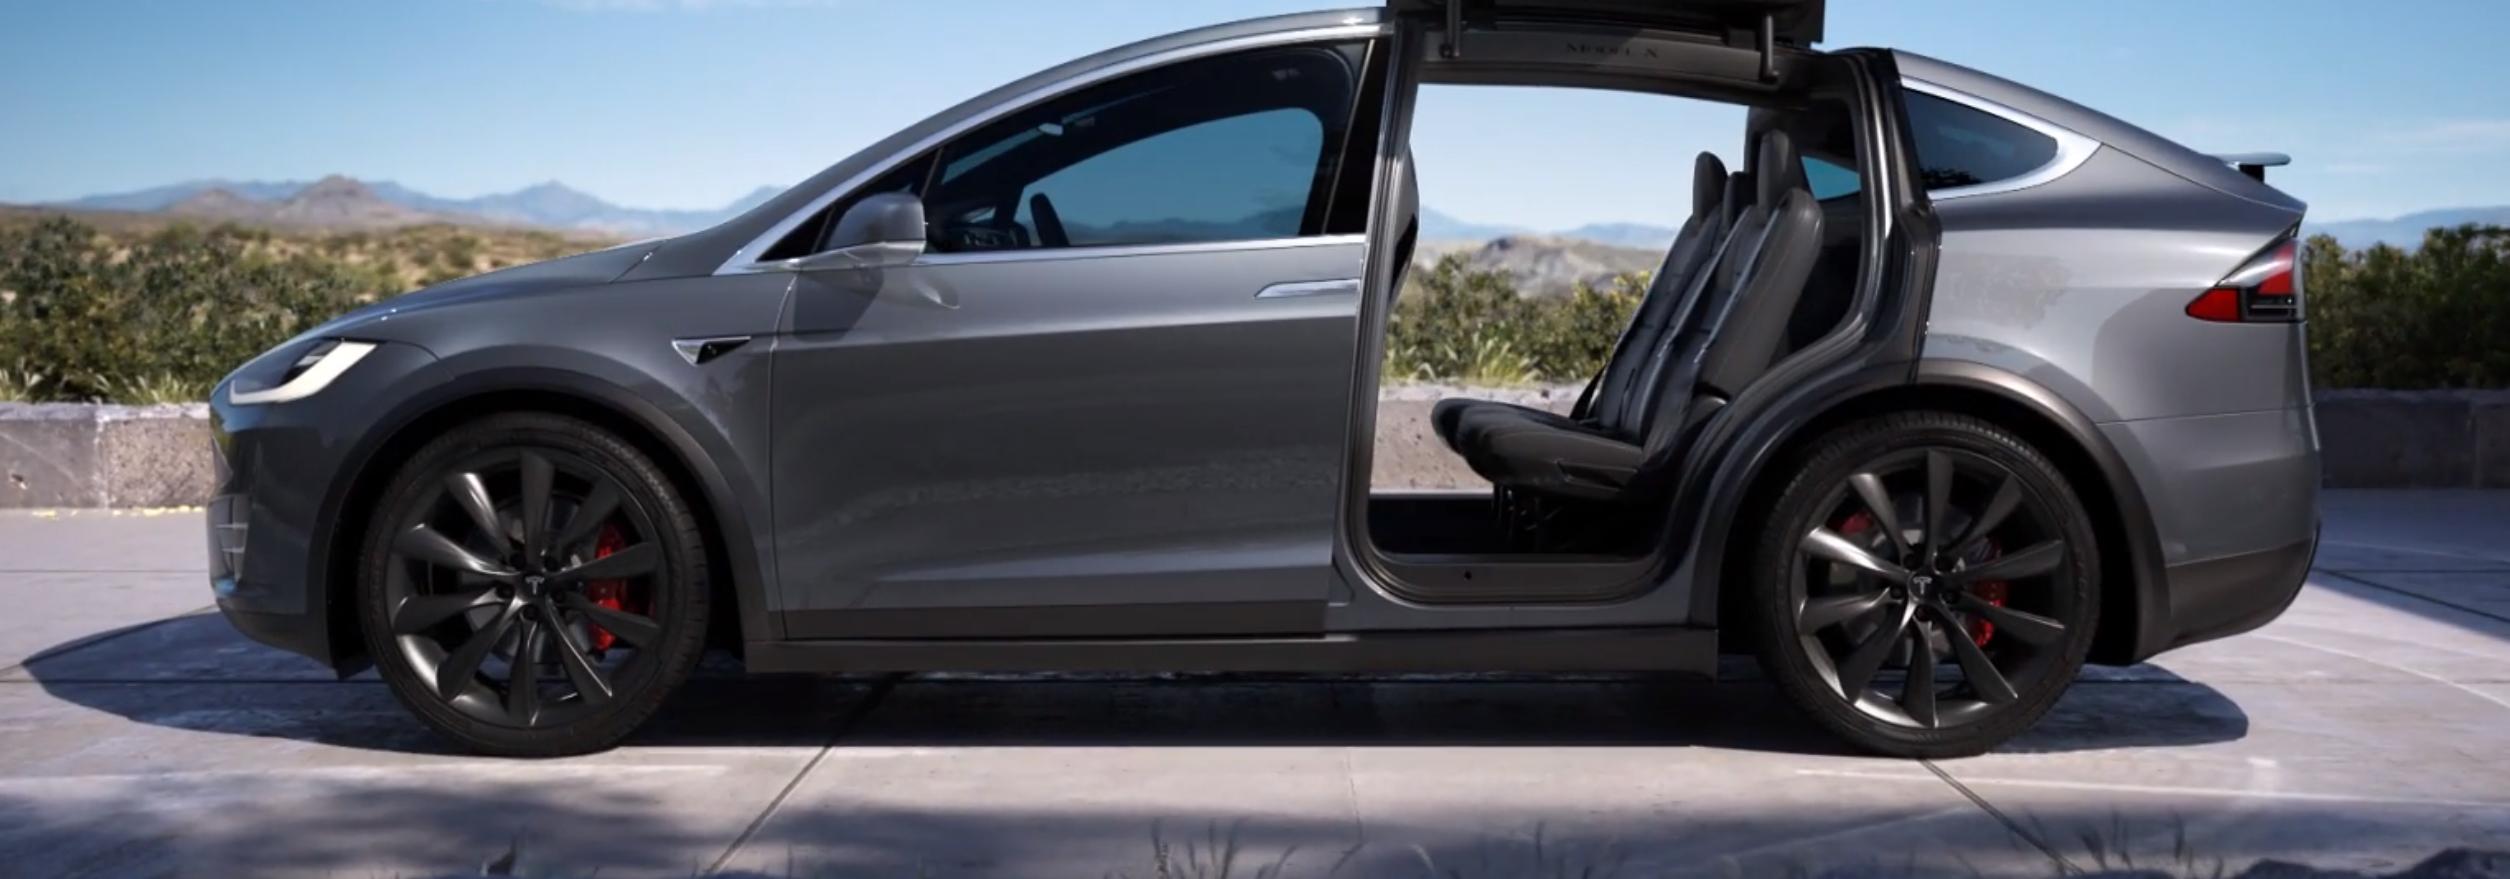 Nå kommer Tesla-forsikringen